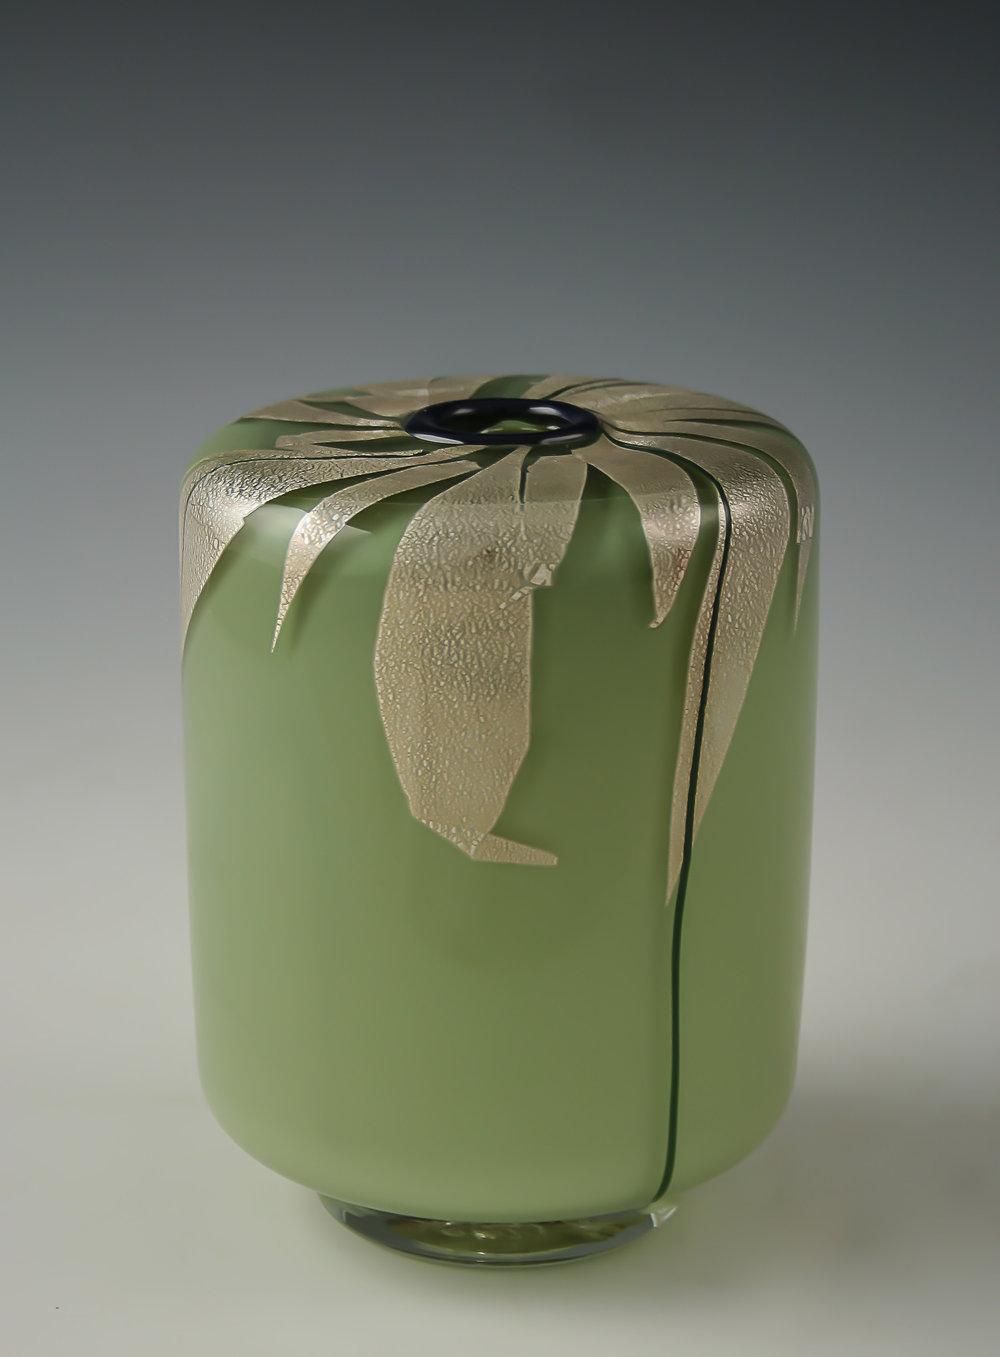 grass drum